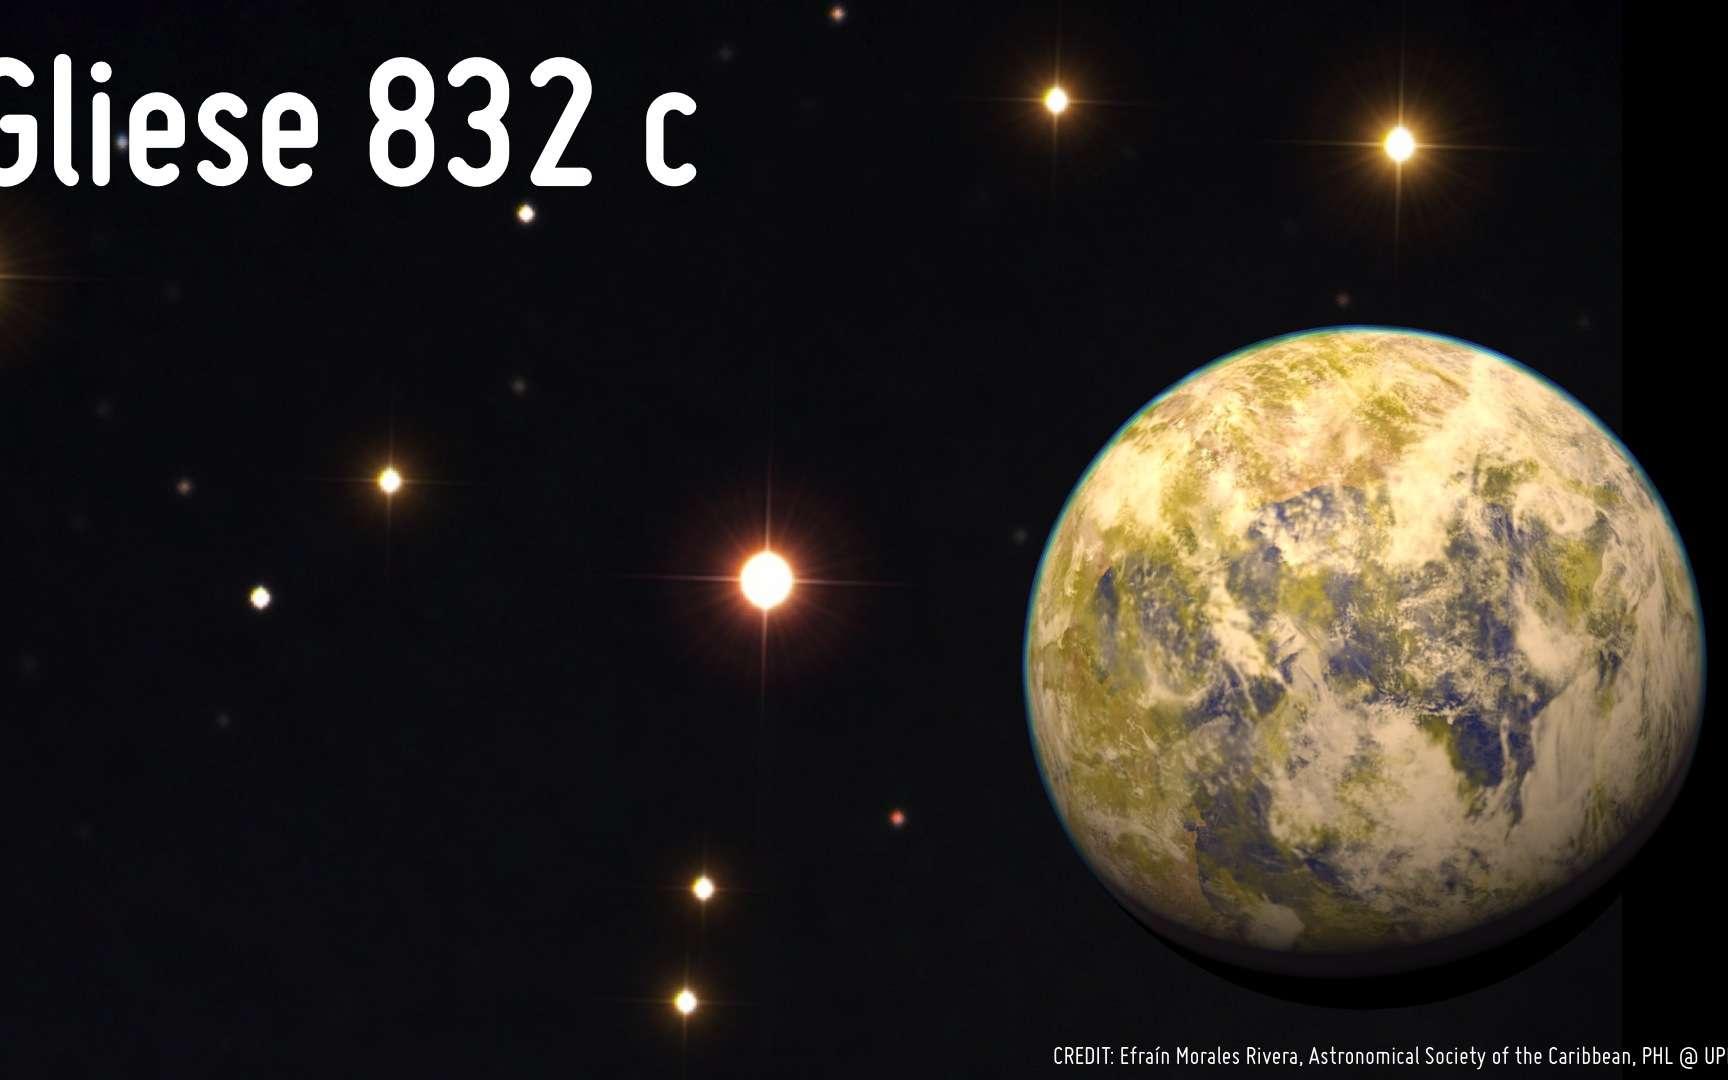 Illustration au premier plan de la superterre Gliese 832c, environ 5,4 fois plus massive que notre planète. Sur la photographie à l'arrière-plan prise le 20 juin dernier par Efraín Morales Rivera, on distingue son étoile parent, la naine rouge Gliese 832 distante de 16 années-lumière autour de laquelle elle gravite en 36 jours dans la zone habitable. © Efraín Morales Rivera de la Societé Astronomique des Caraïbes et UPR Arecibo